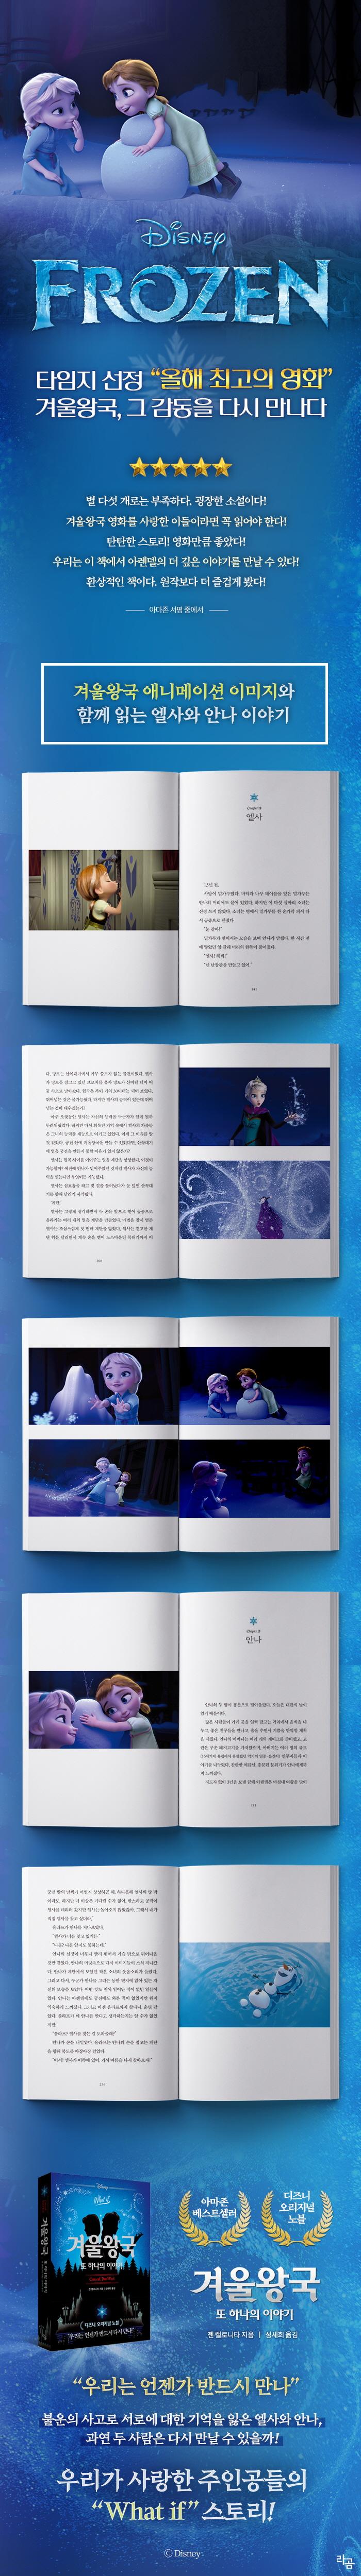 겨울왕국, 또 하나의 이야기 도서 상세이미지